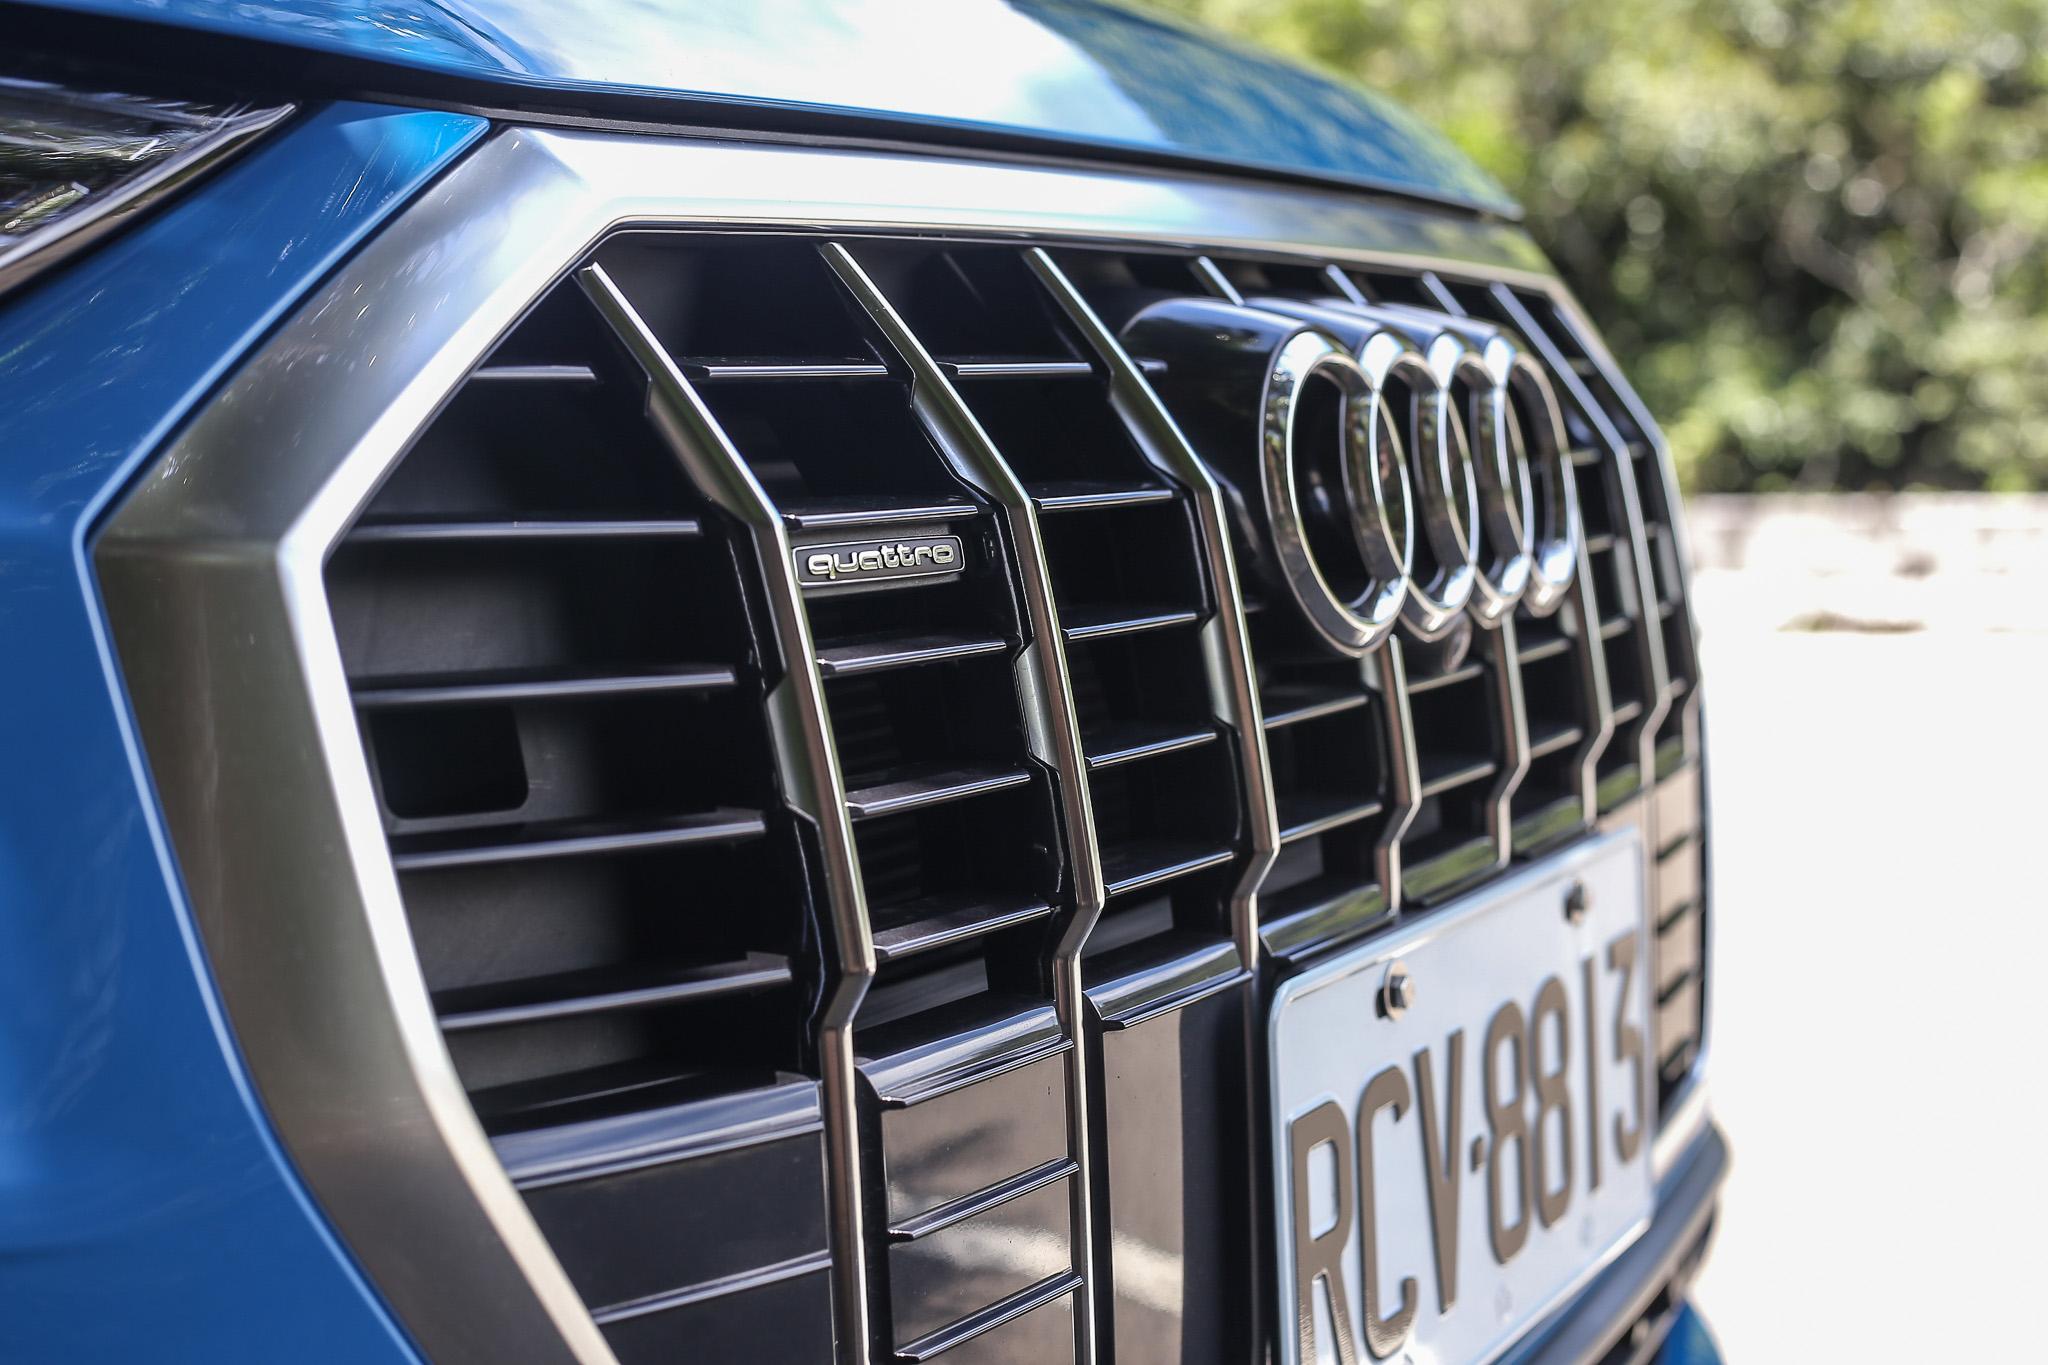 水箱罩內的 quattro 字樣,是許多 Audi 迷一定要的招牌。